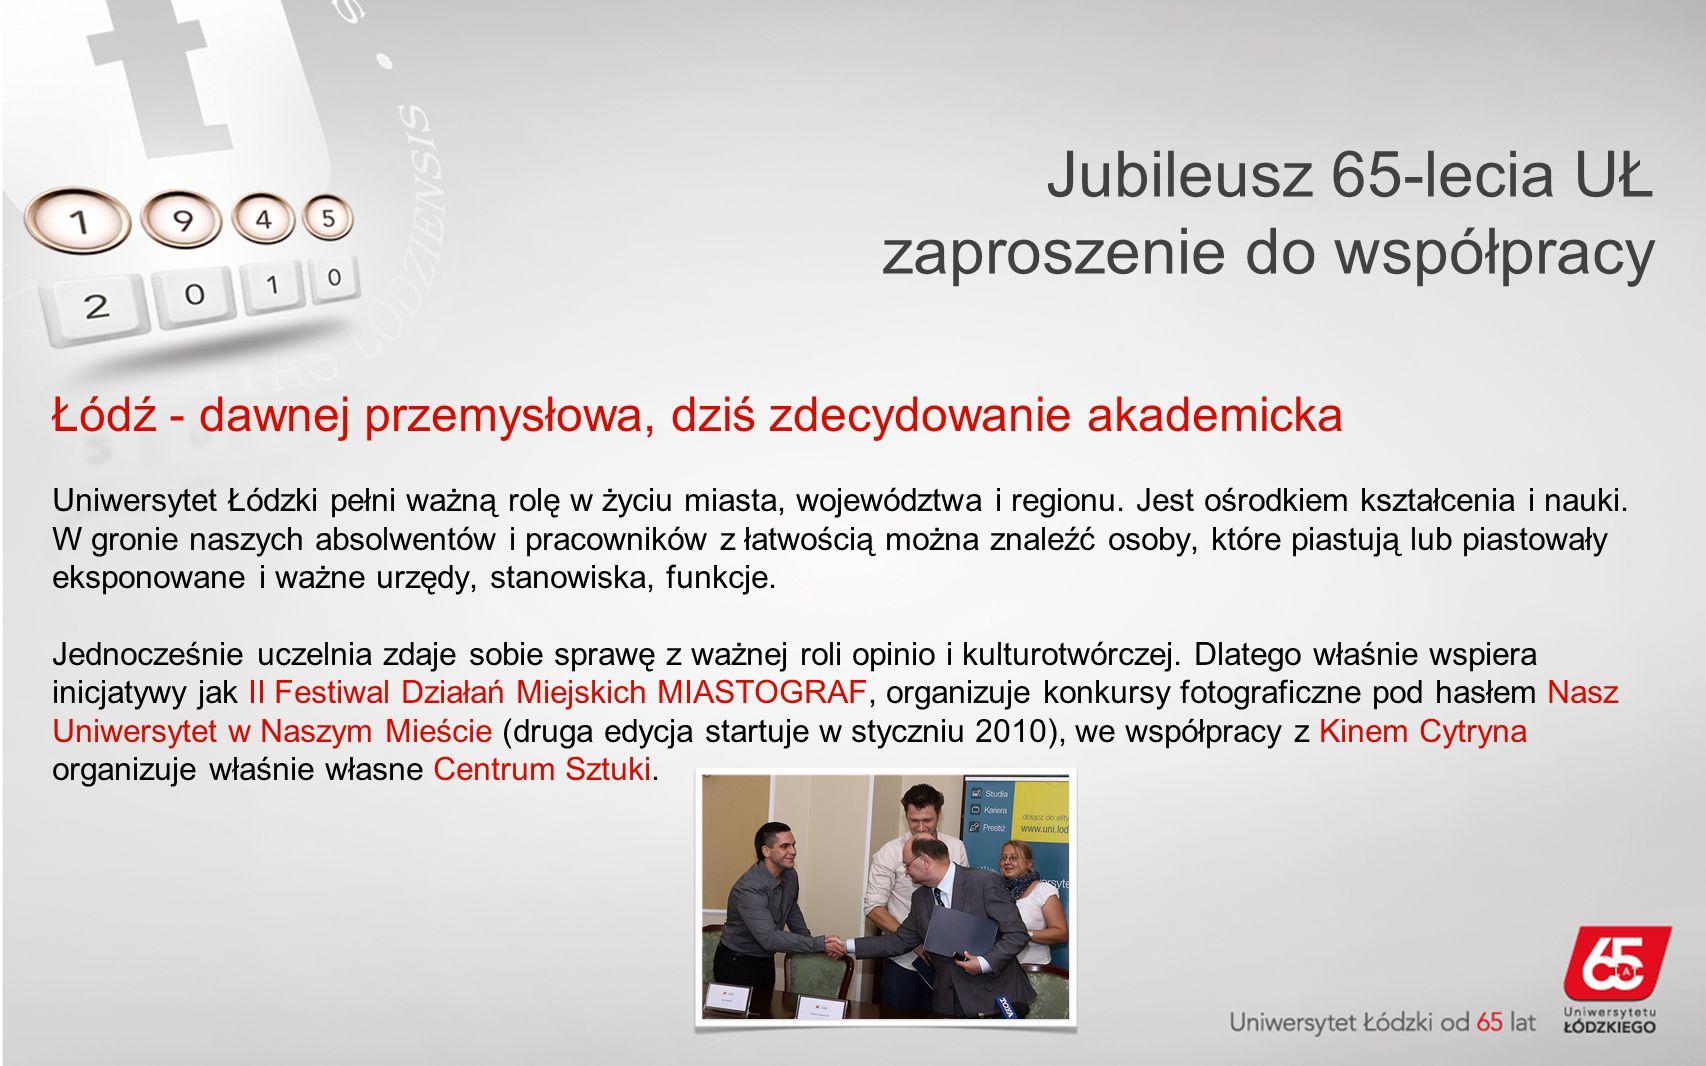 Jubileusz 65-lecia UŁ zaproszenie do współpracy Łódź - dawnej przemysłowa, dziś zdecydowanie akademicka UŁ wspiera aktywność studencką, pomaga w realizacji życiowych zamierzeń i planów.